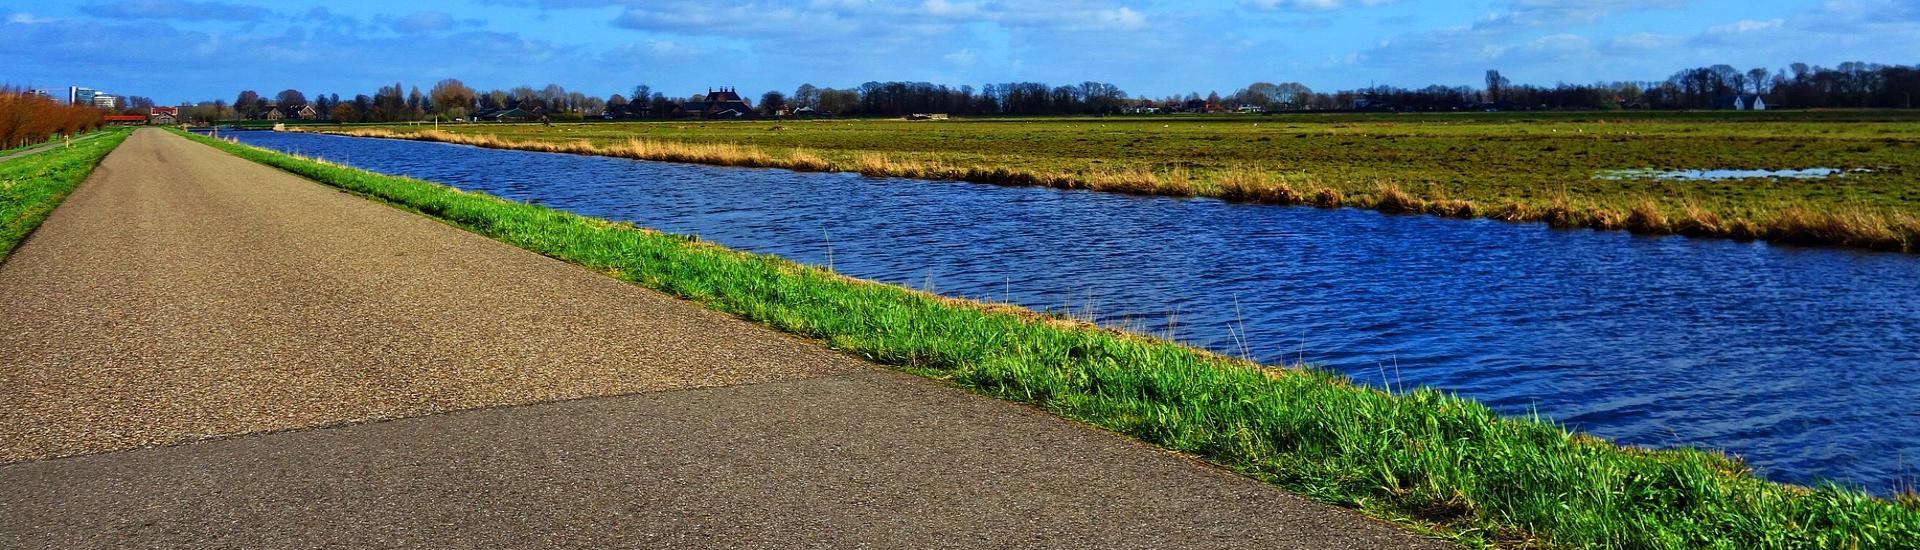 Water omgeving